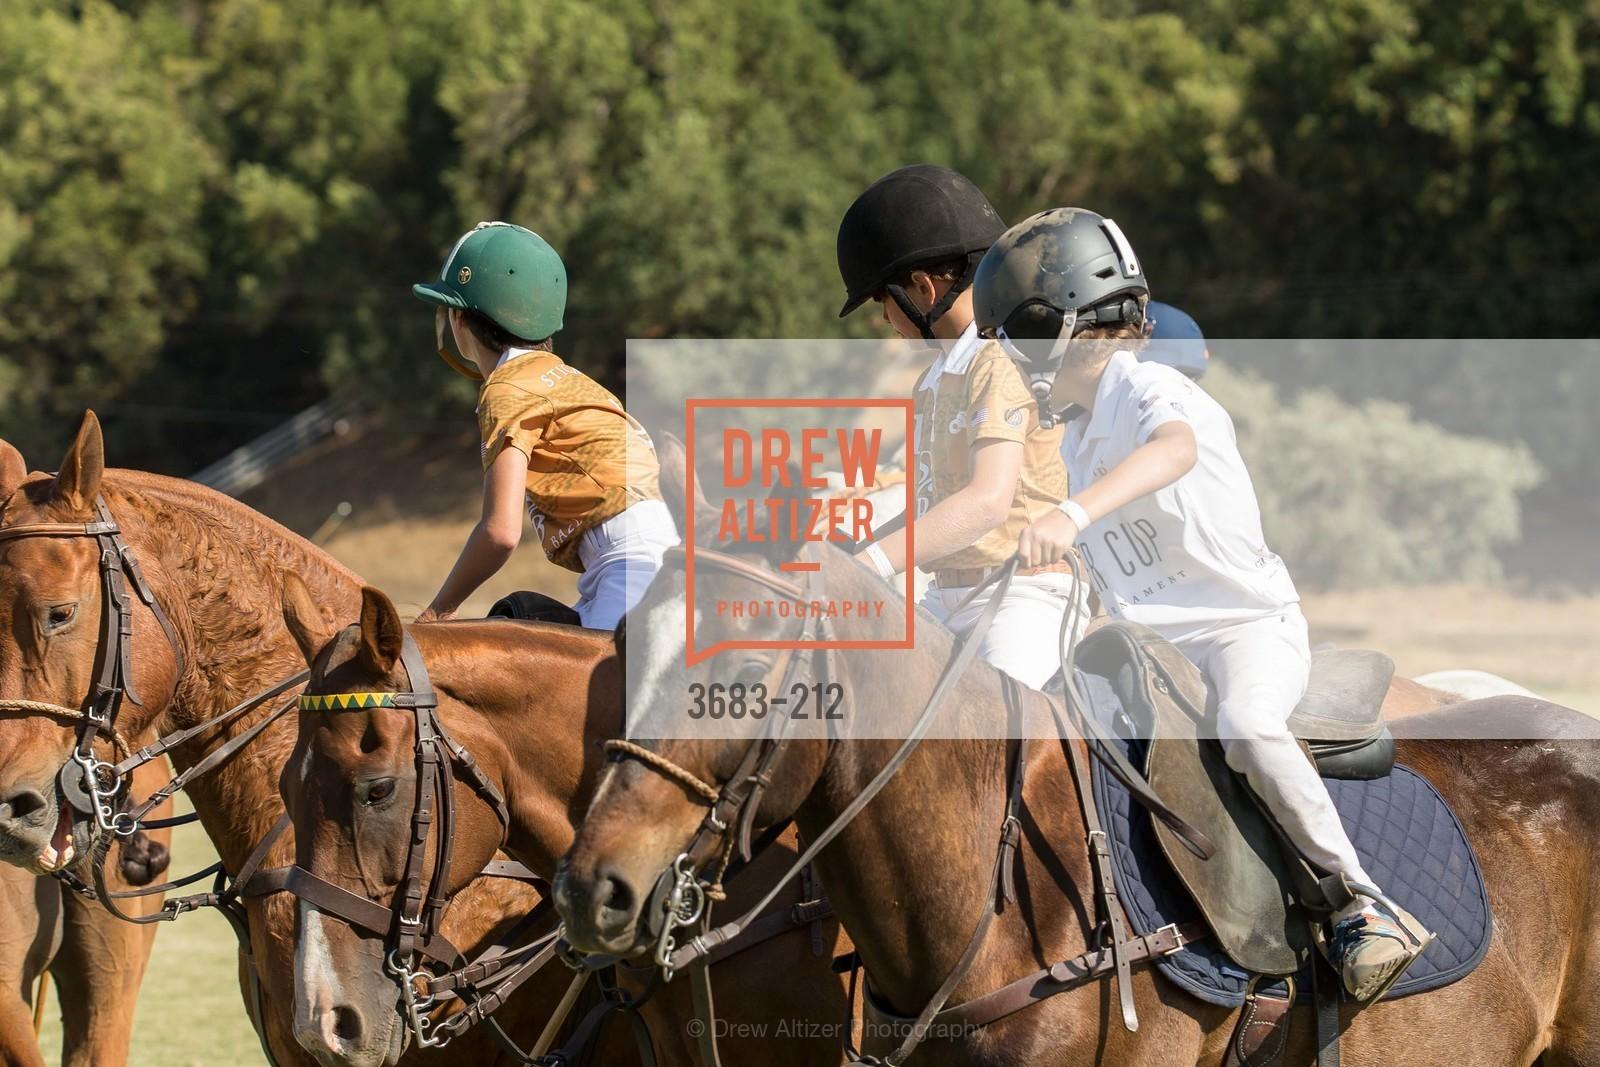 Polo Match, Photo #3683-212